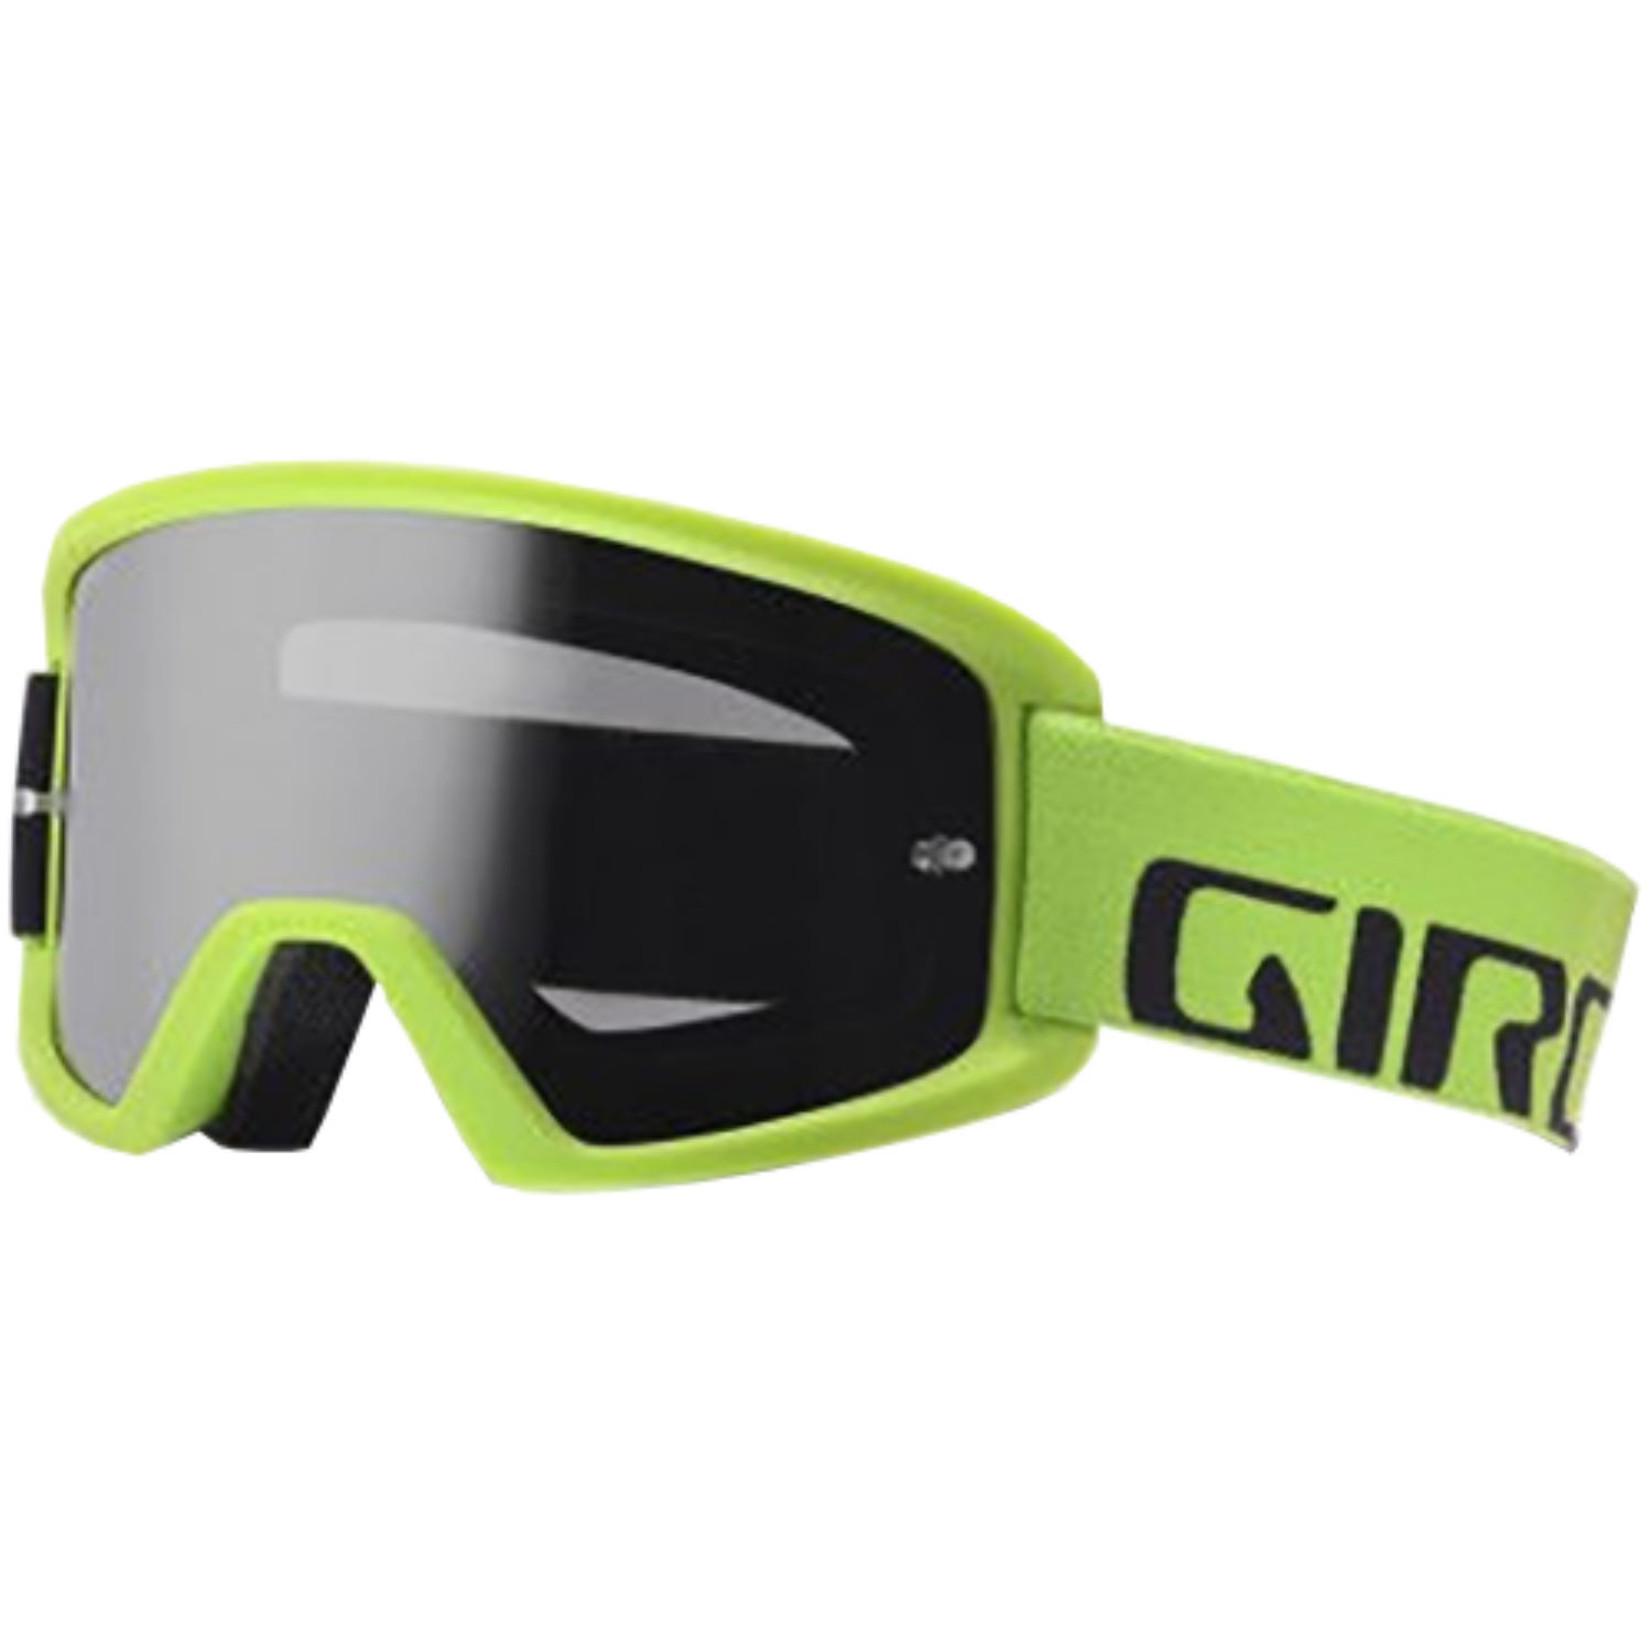 Giro Giro Cycling occhiali MTB lime;clear